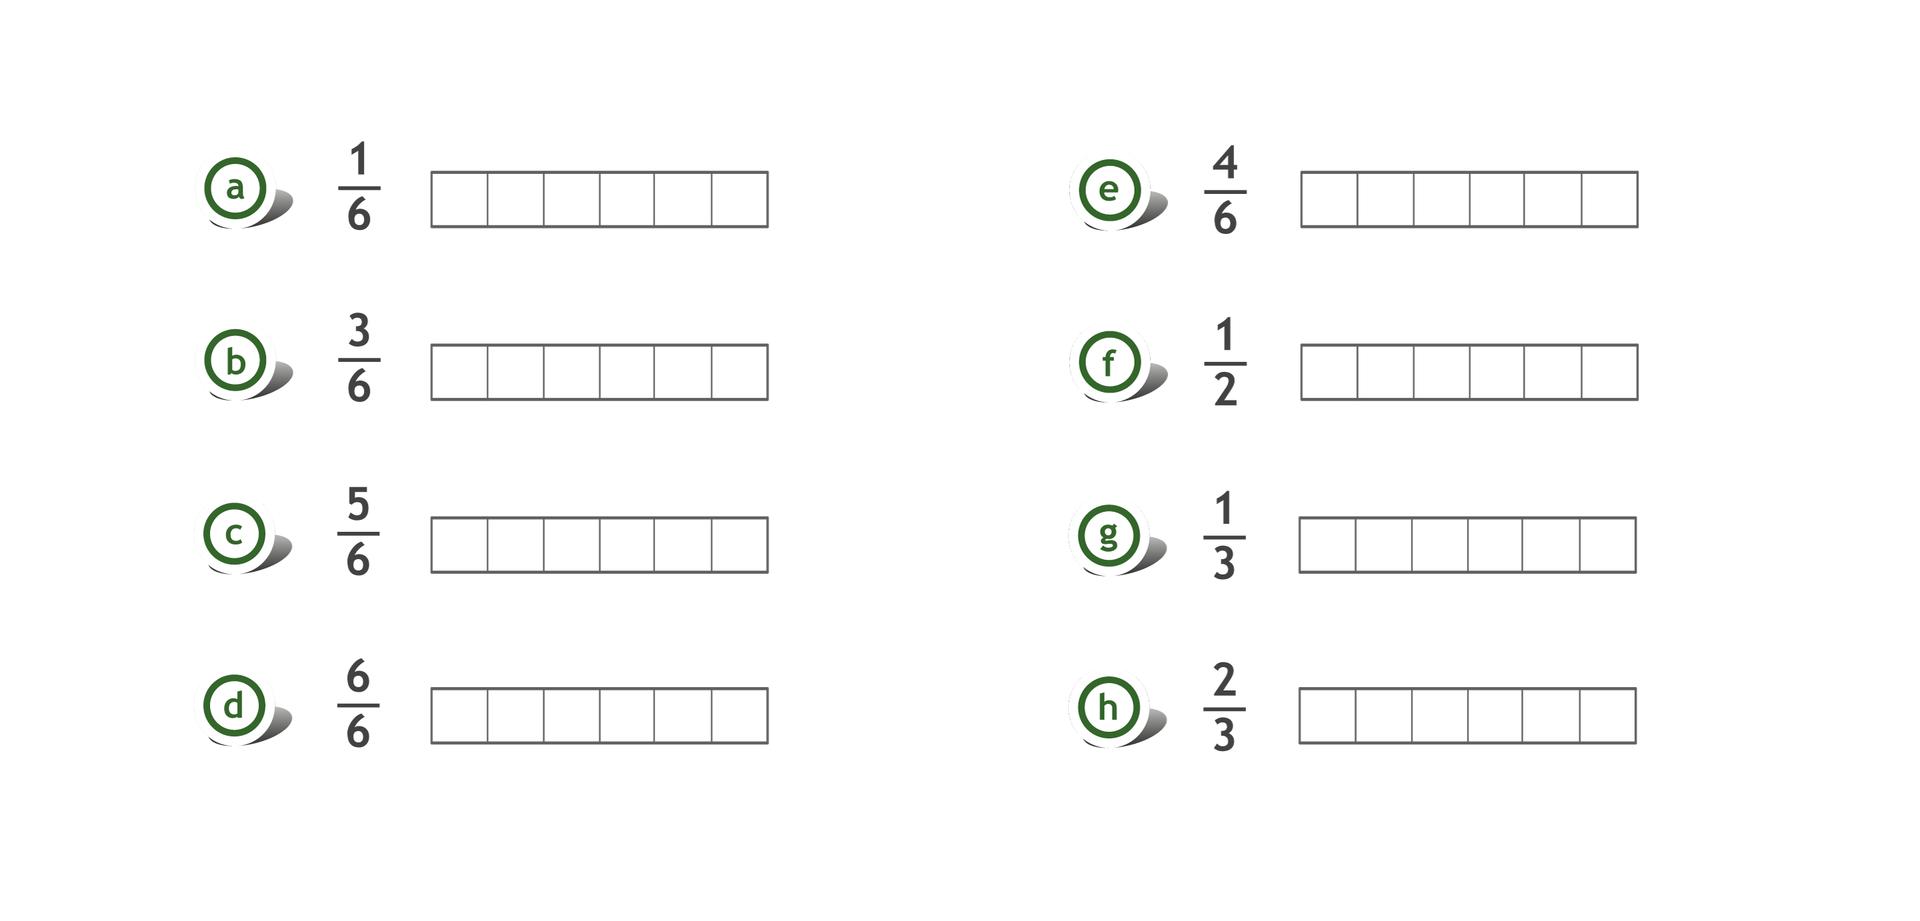 Rysunek ośmiu prostokątów, każdy podzielony na 6 równych części. Przy prostokątach podane ułamki: jedna szósta, trzy szóste, pięć szóstych, sześć szóstych, cztery szóste, jedna druga, jedna trzecia, dwie trzecie.